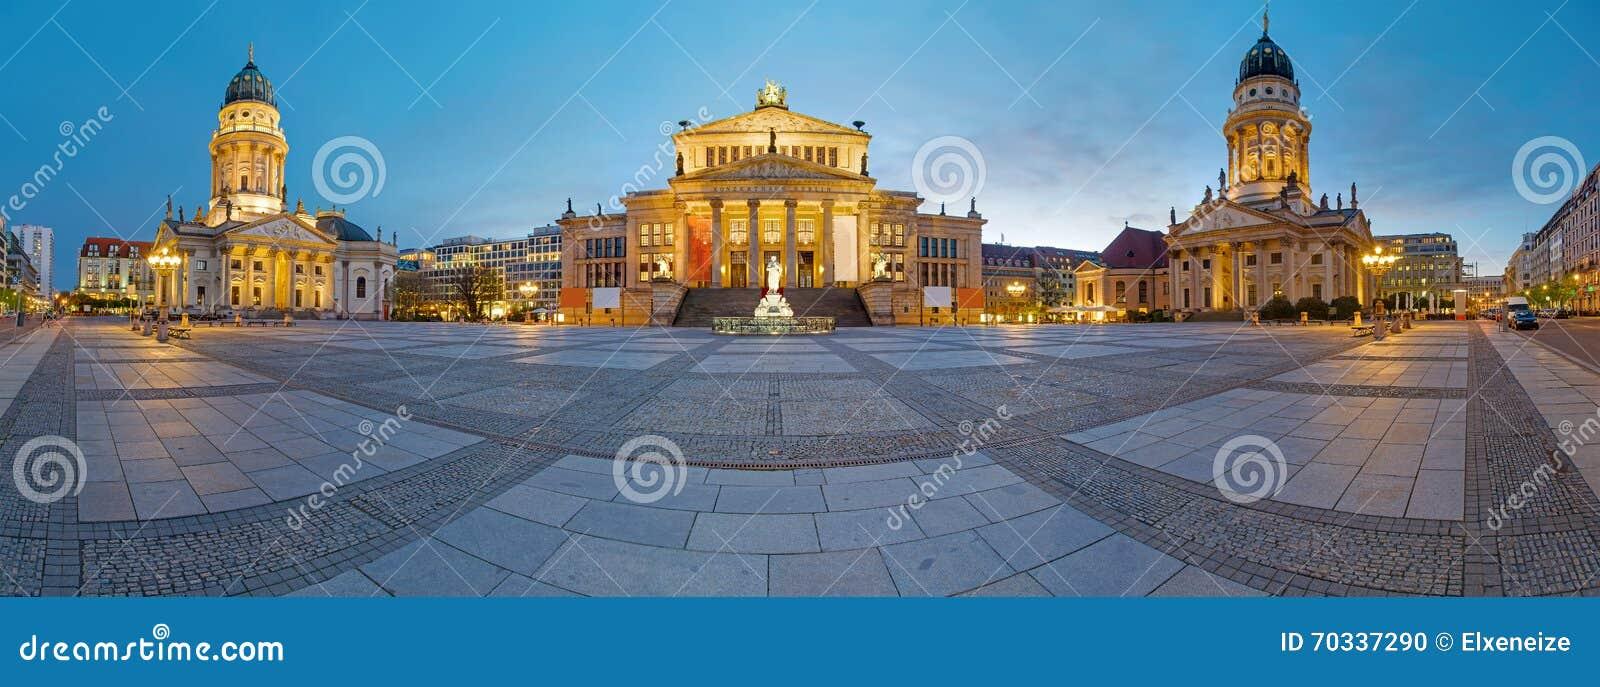 Panorama of the Gendarmenmarkt in Berlin